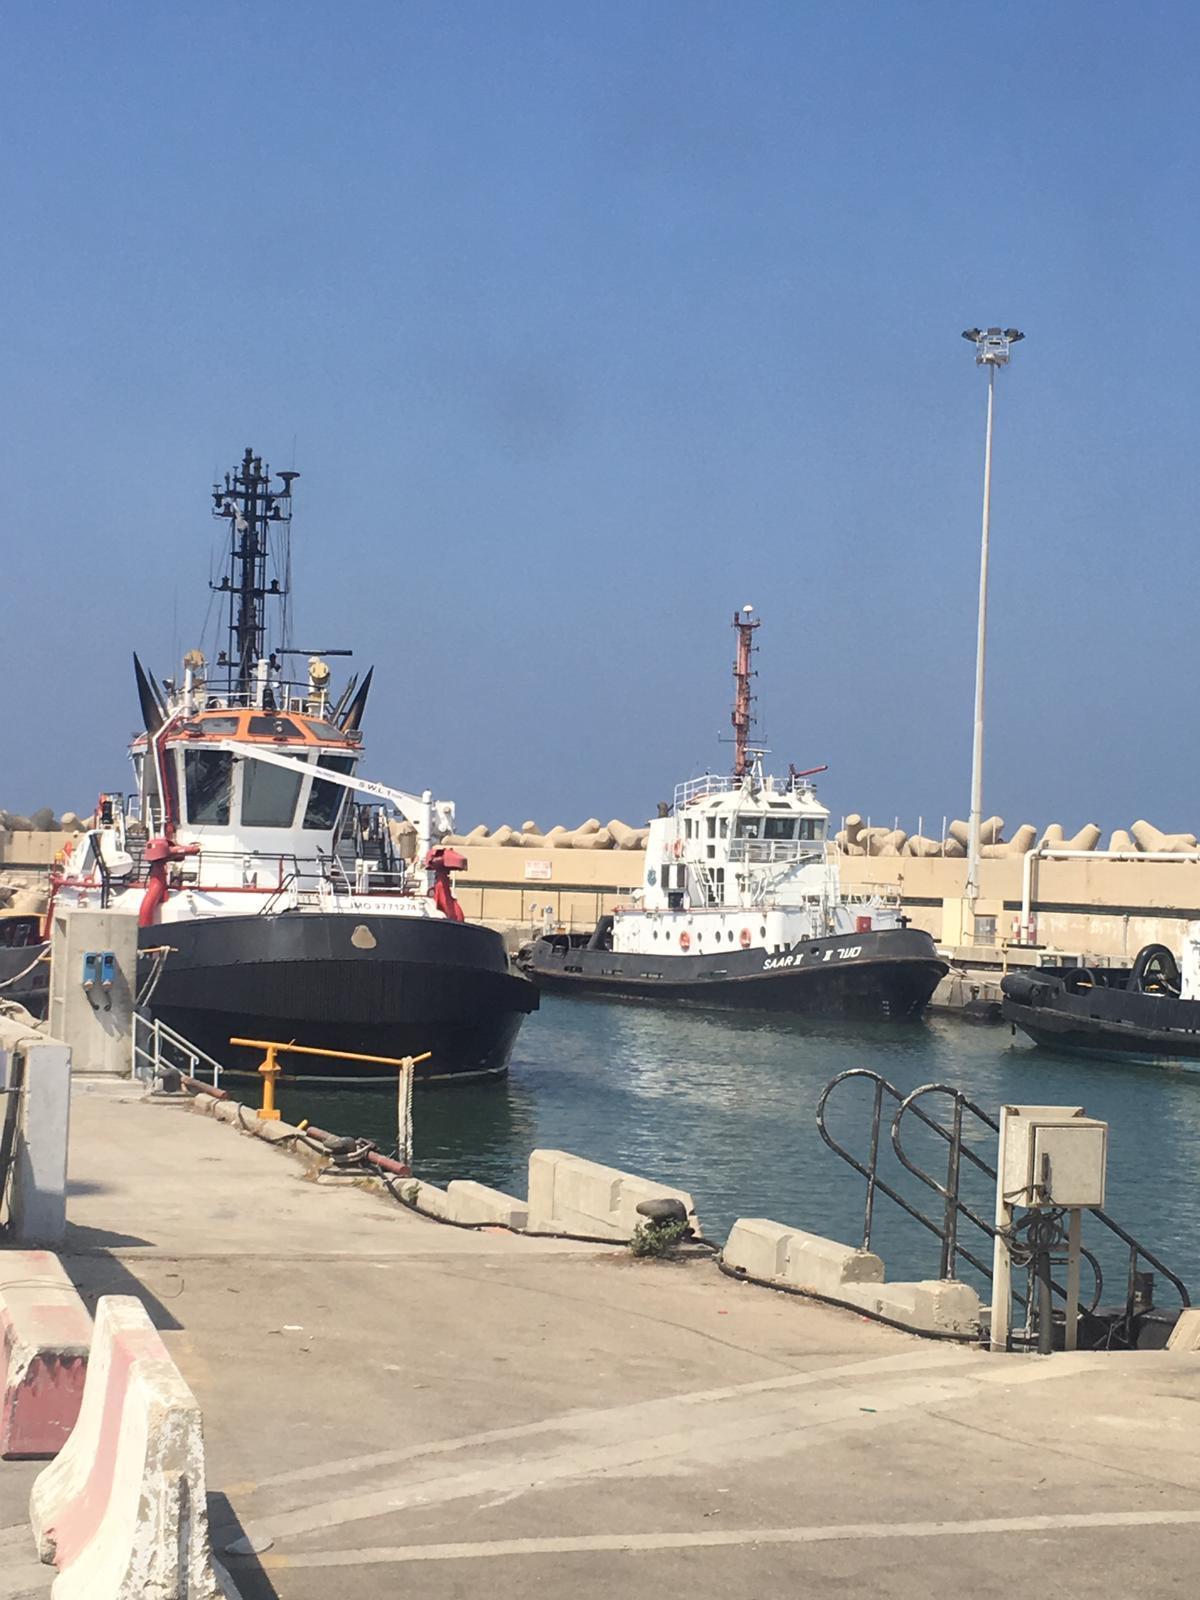 גלרייה - סיור לנמל אשדוד ספטמבר 2019, 18 מתוך 29